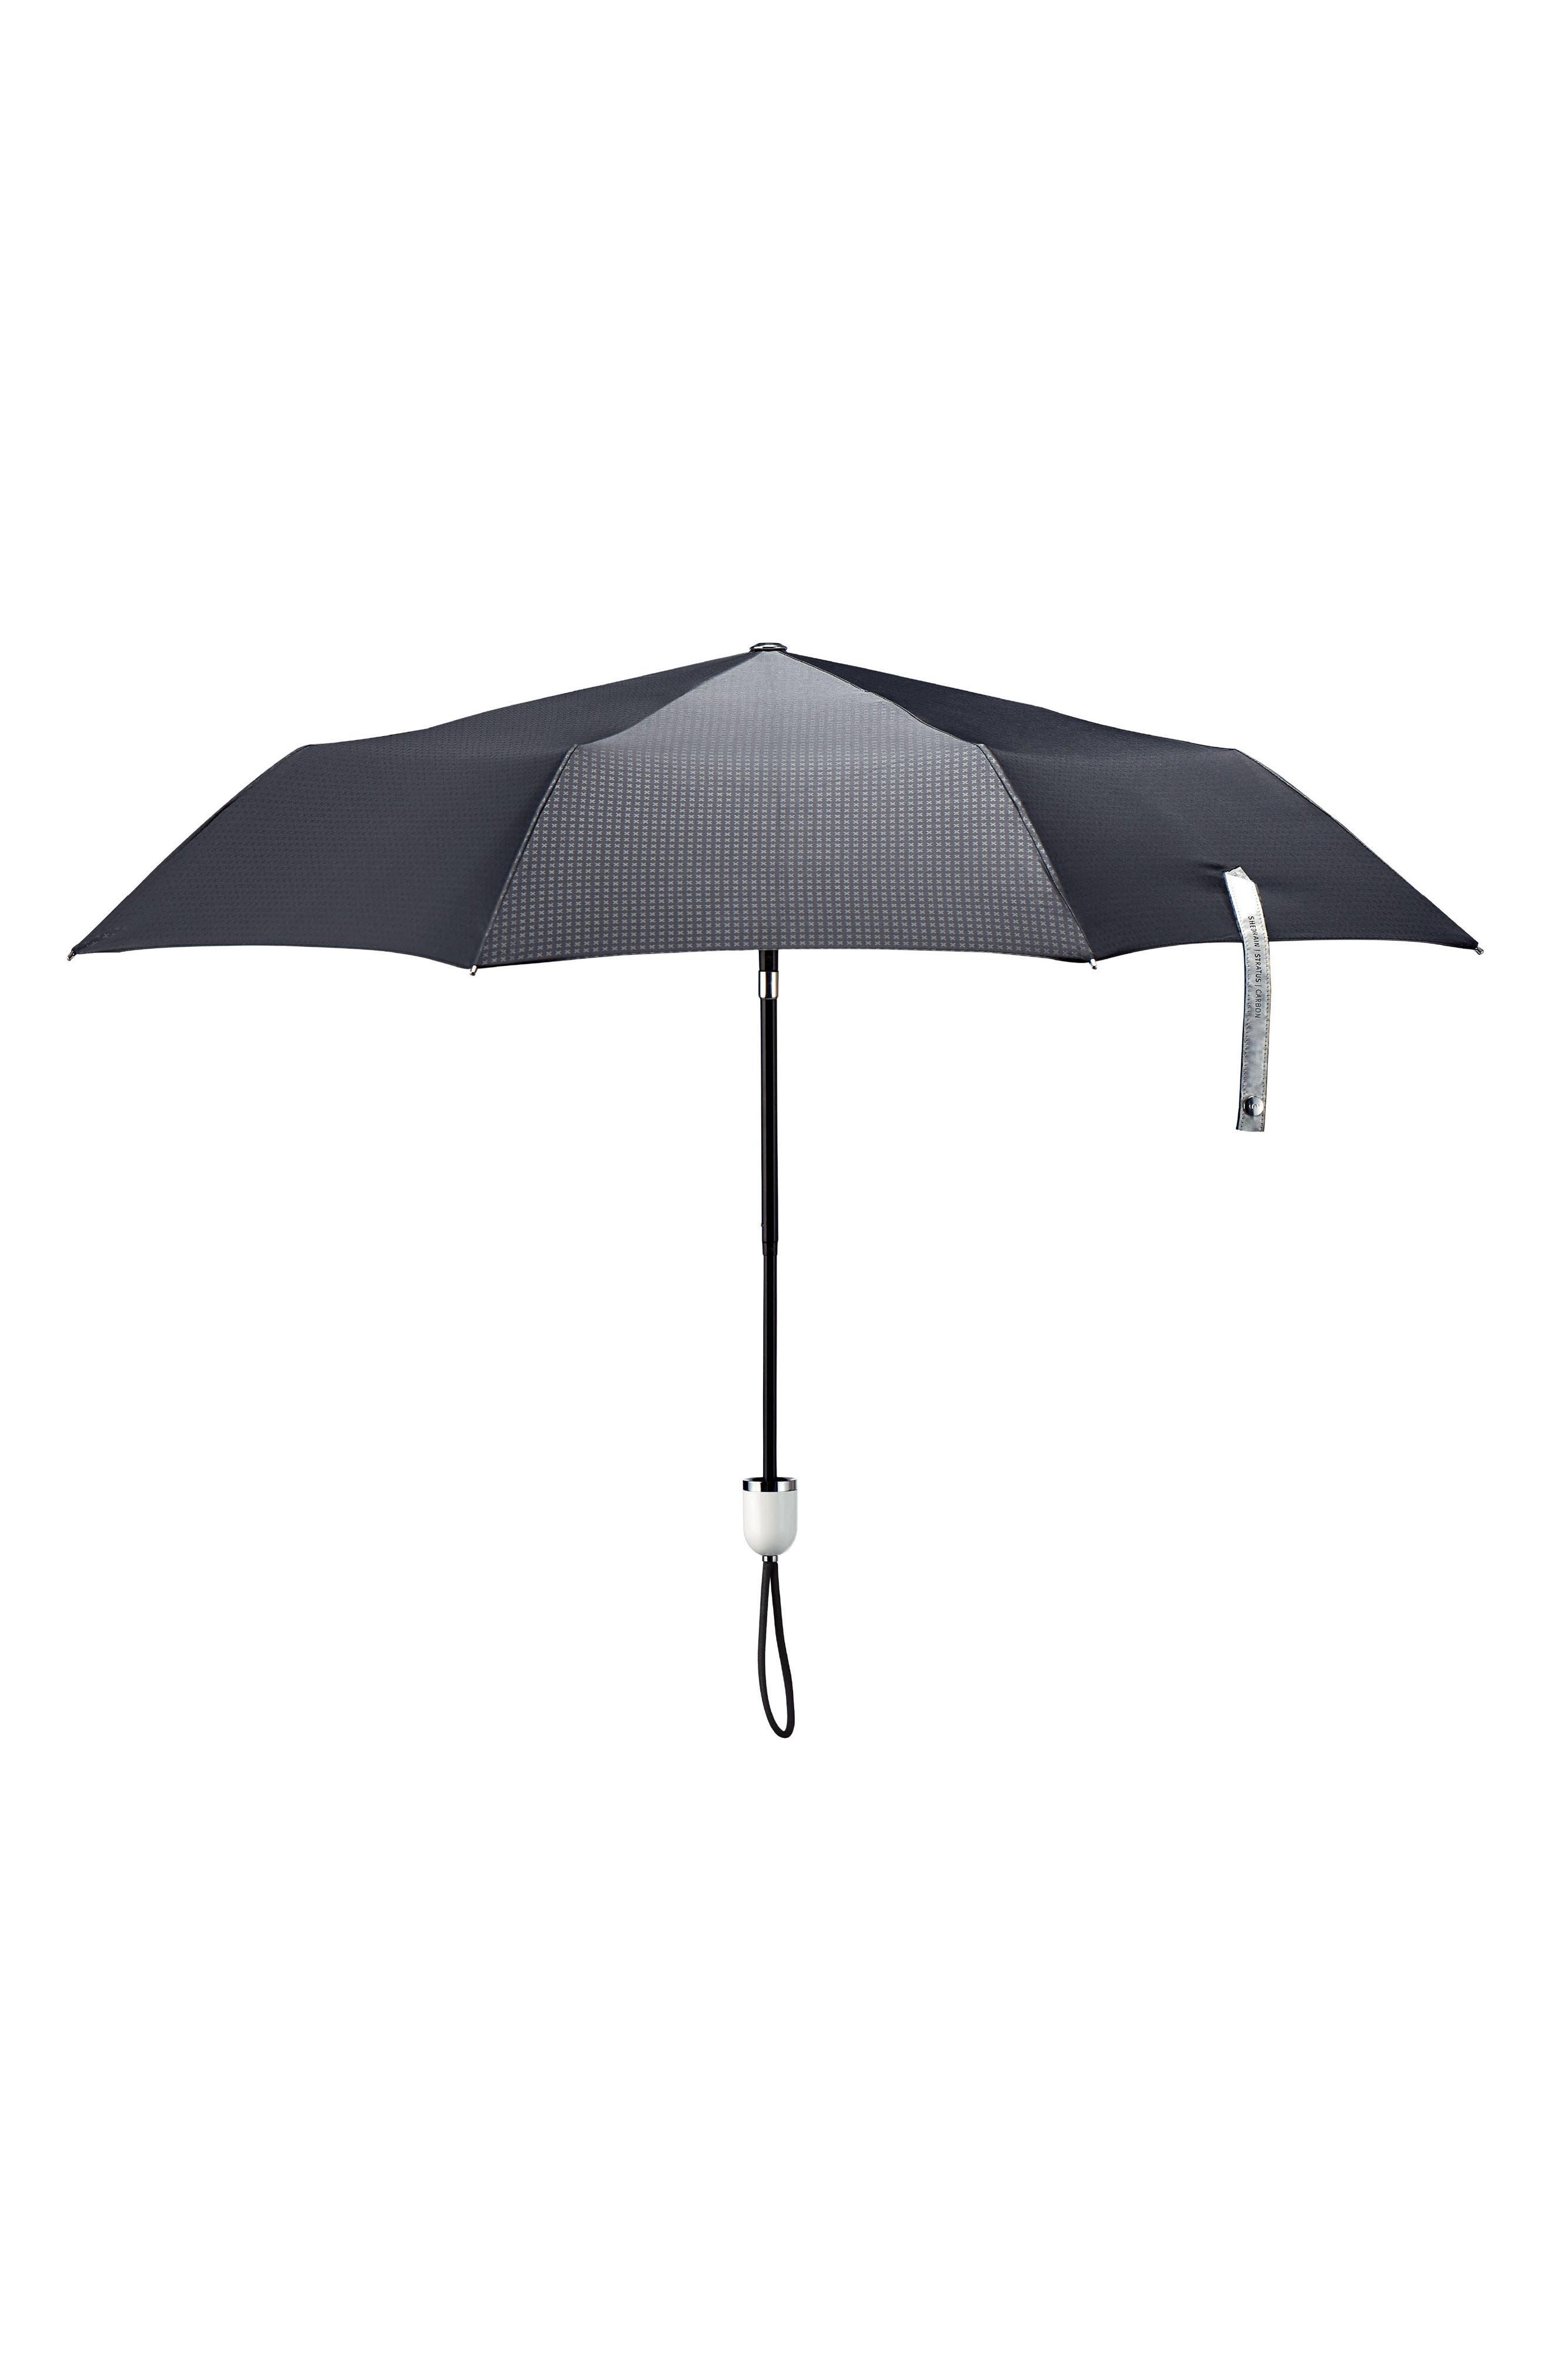 Main Image - ShedRain Stratus Auto Open Compact Umbrella